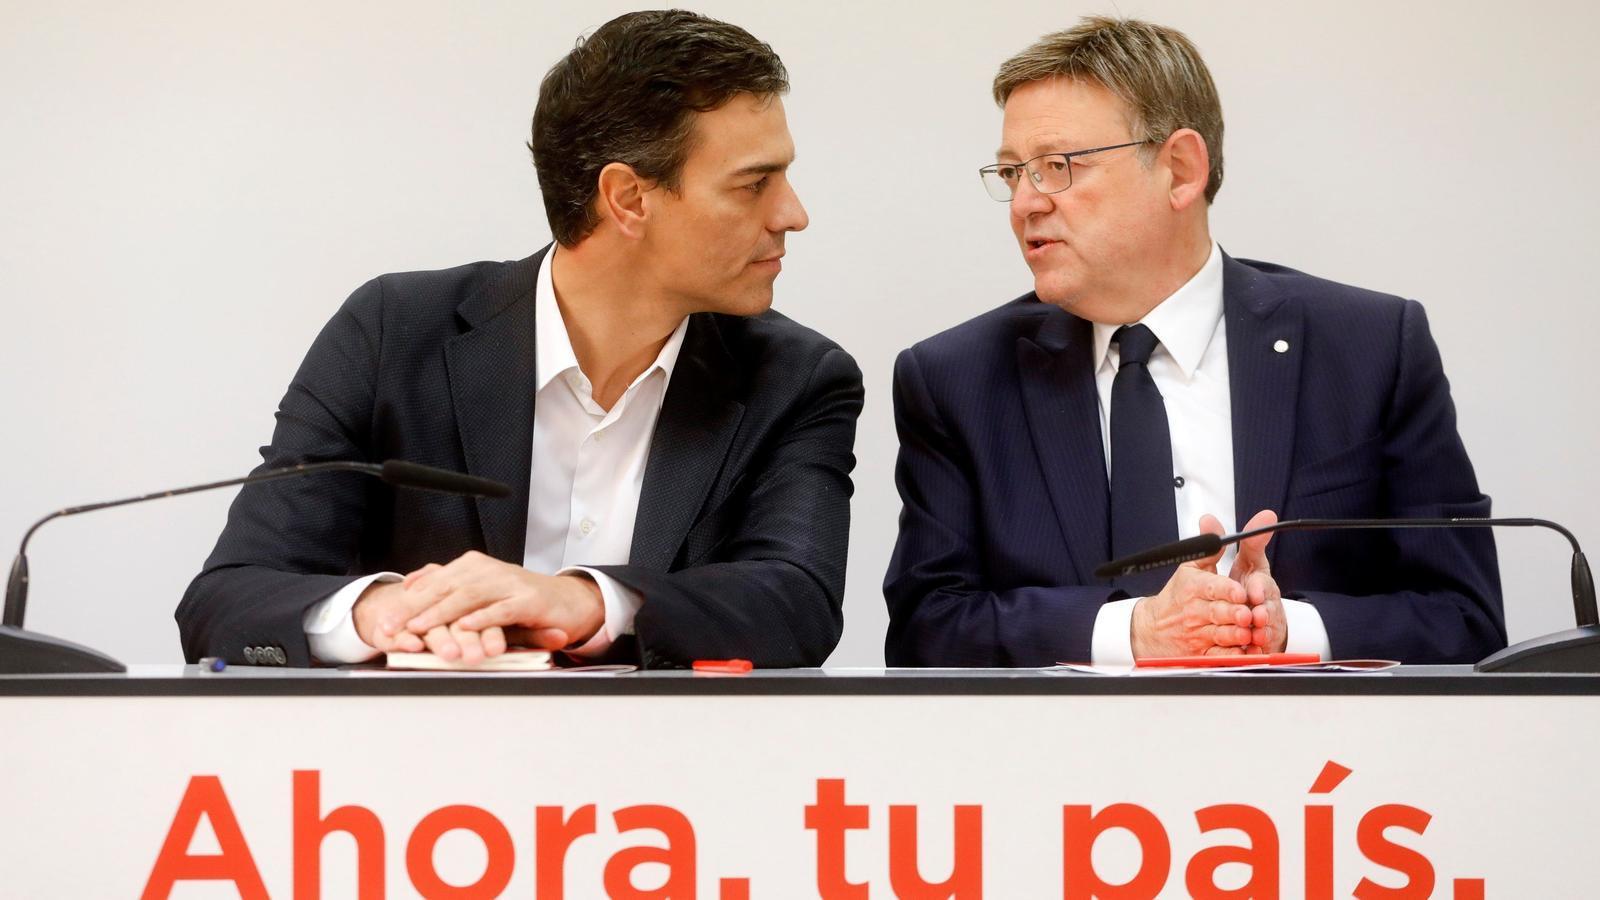 El president de la Generalitat Valenciana, Ximo Puig, i el secretari general del PSOE, Pedro Sánchez.